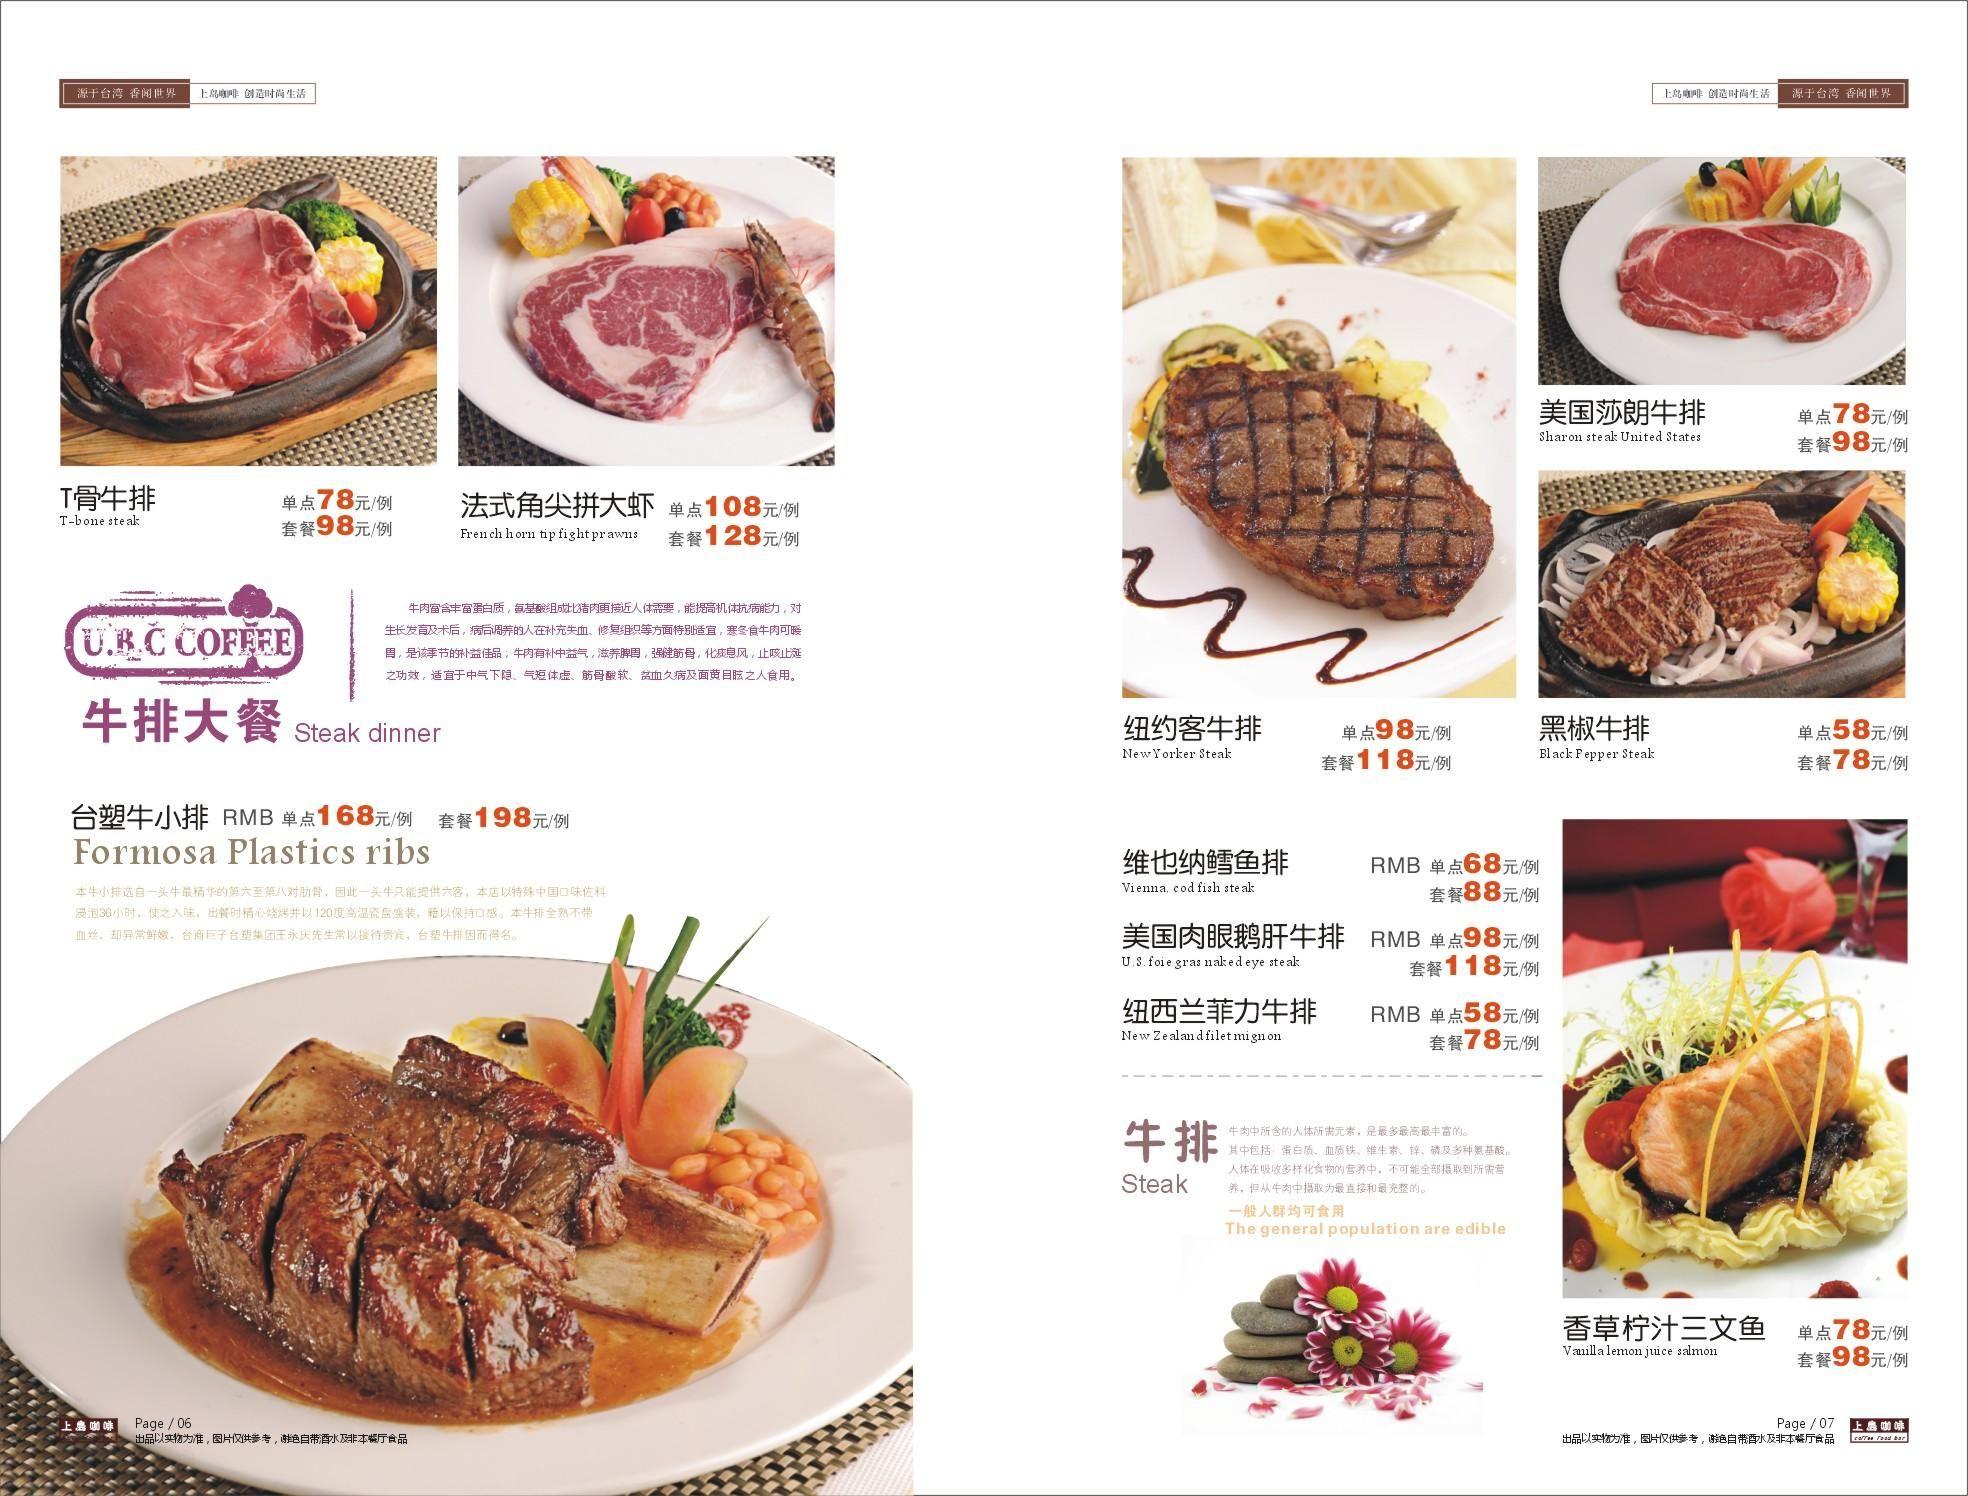 上岛咖啡菜单设计03